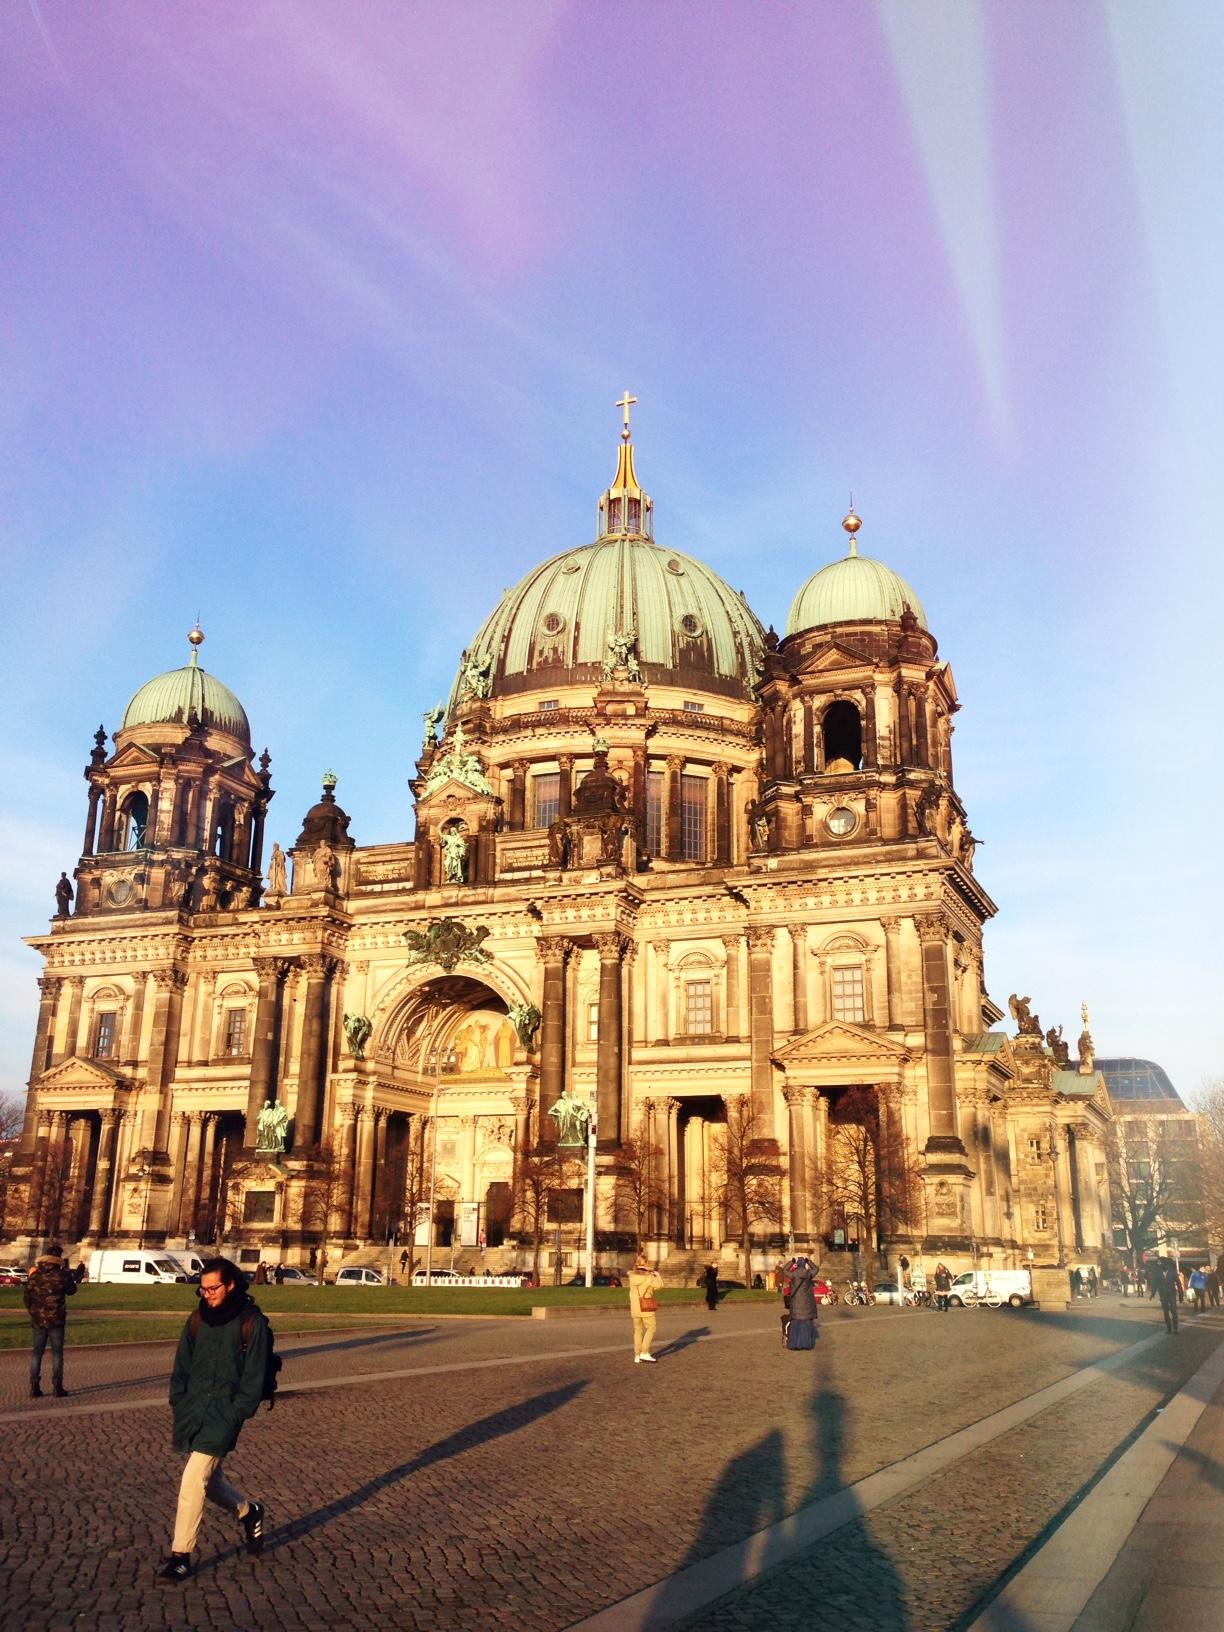 Catedral de Berlim/ Berliner Dom